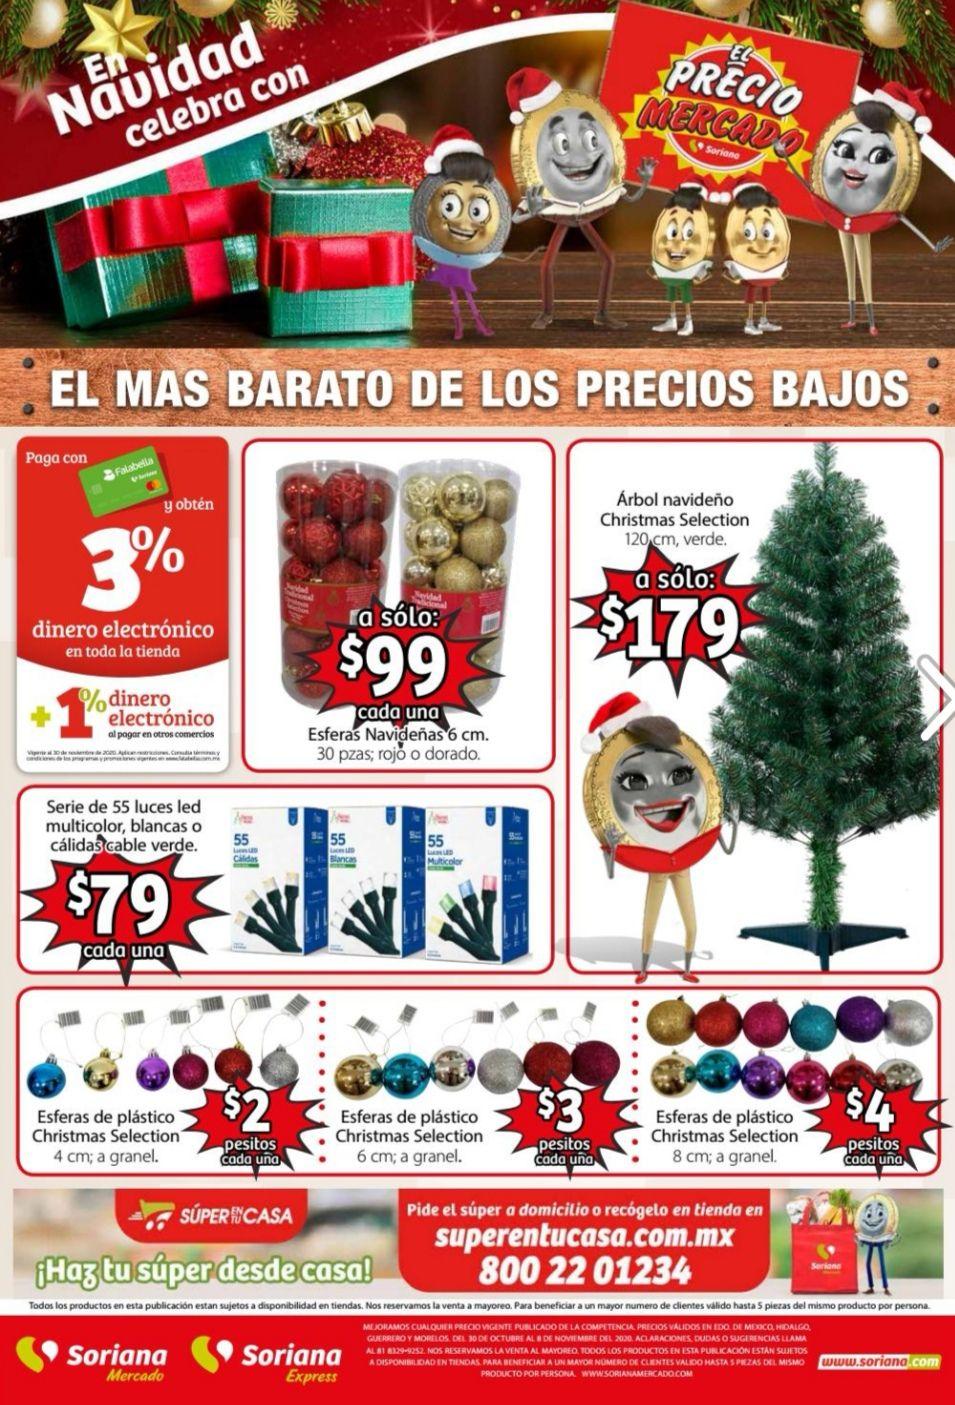 Soriana Mercado y Express: Folleto de Ofertas del Viernes 30 de Octubre al Domingo 8 de Noviembre